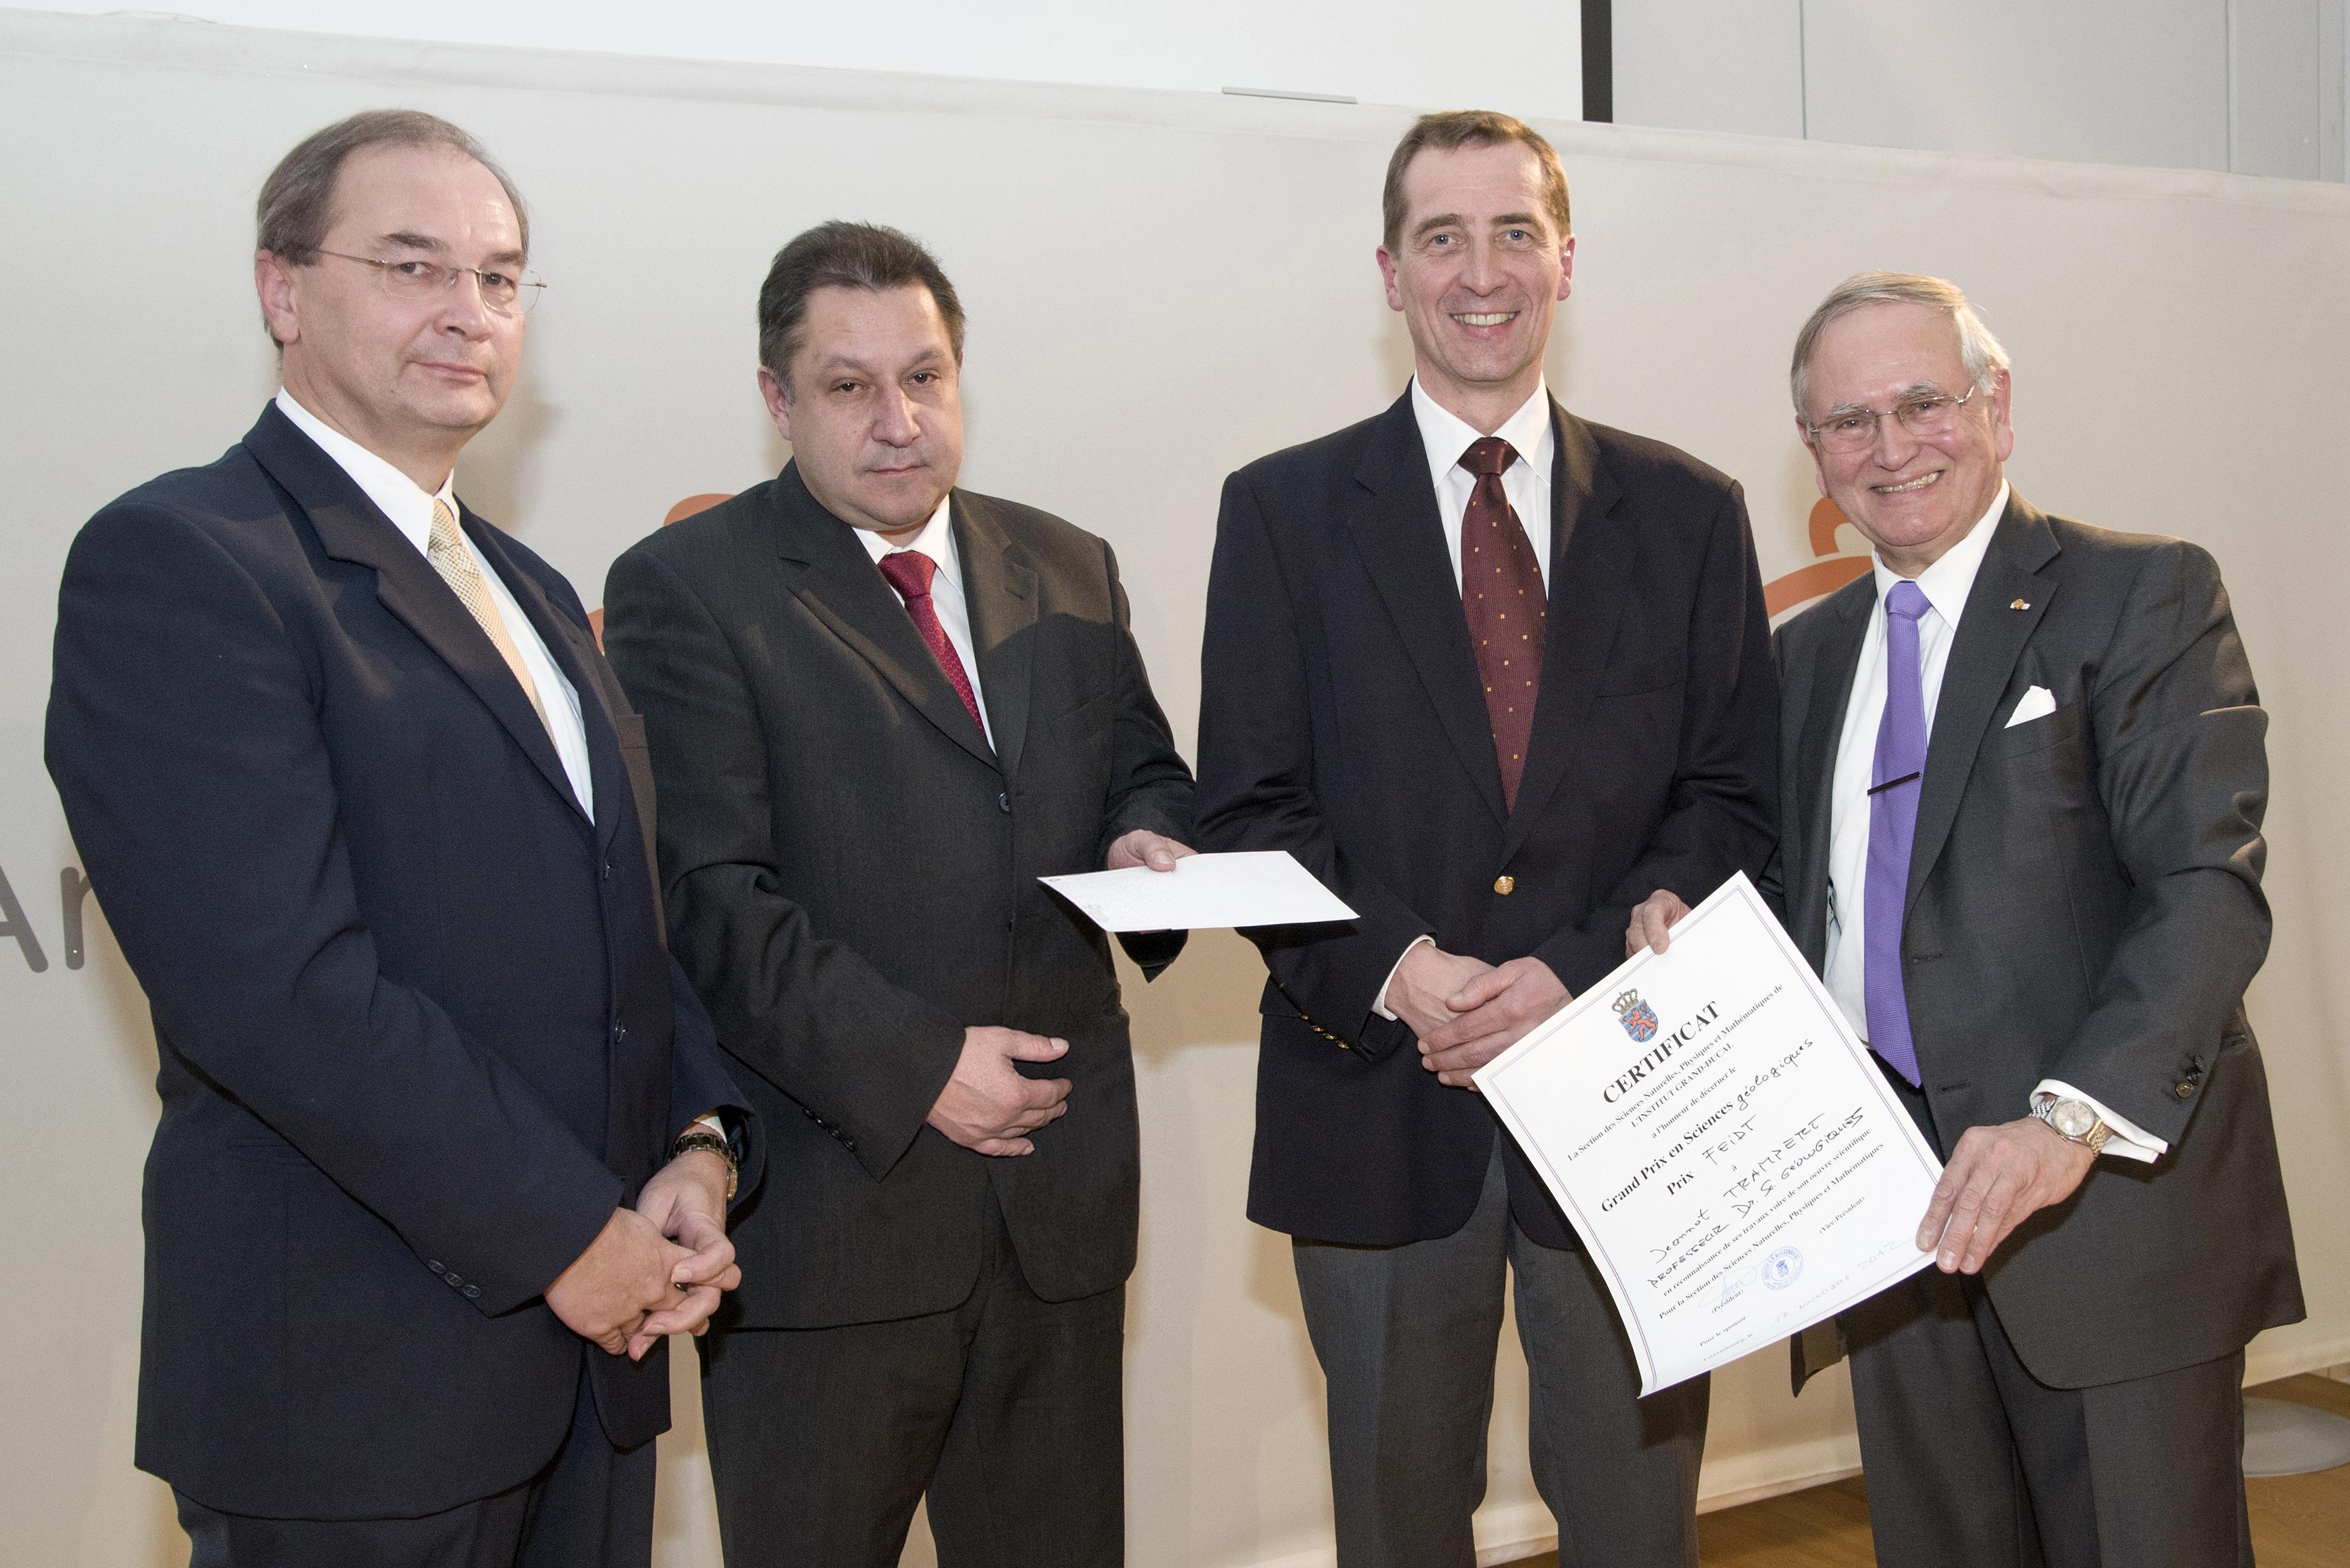 Grand Prix 2012 en sciences géologiques de l'Institut grand-ducal / Prix FEIDT : Professeur Dr Jeannot TRAMPERT (Universiteit Utrecht) / lauréat